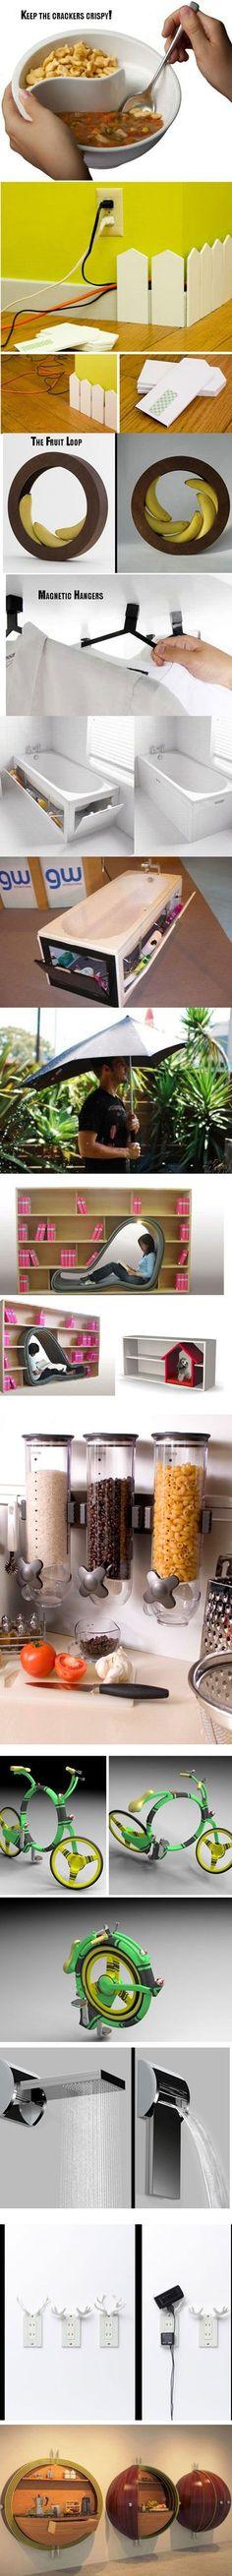 Genius. // kreative #Ideen, um altägliche Probleme abzustellen ;-)